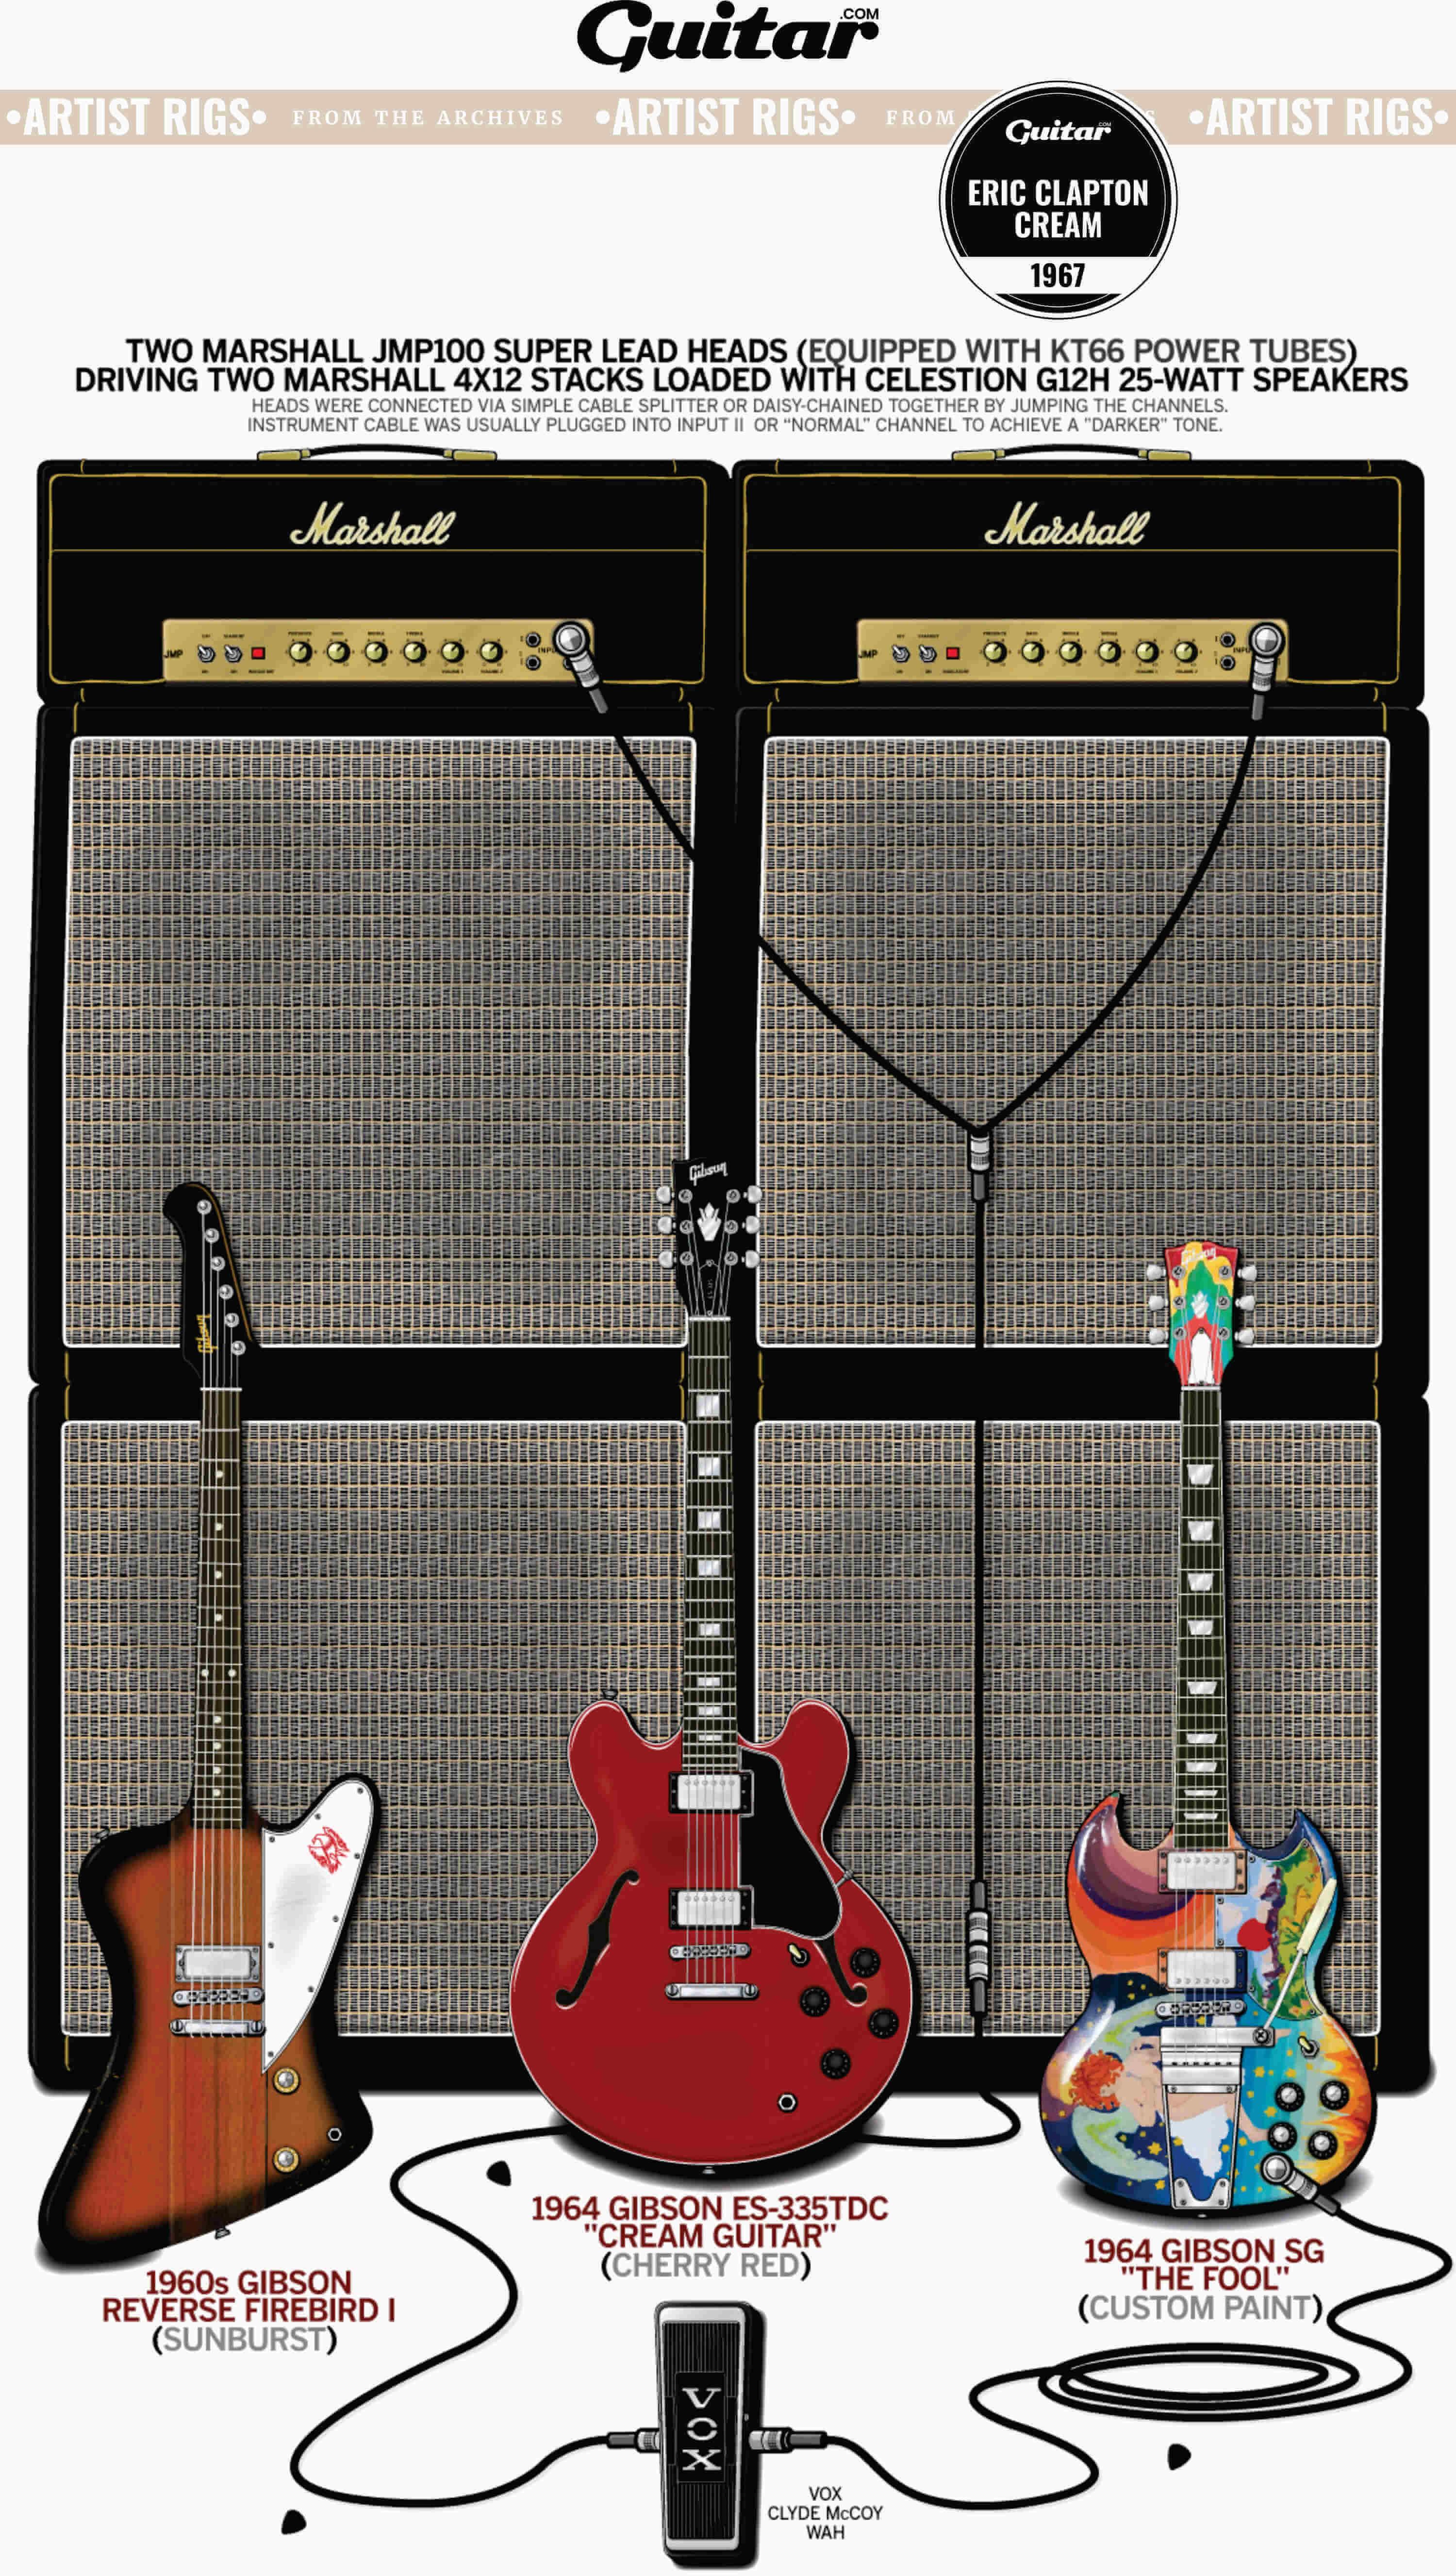 Rig Diagram: Eric Clapton, Cream (1967)